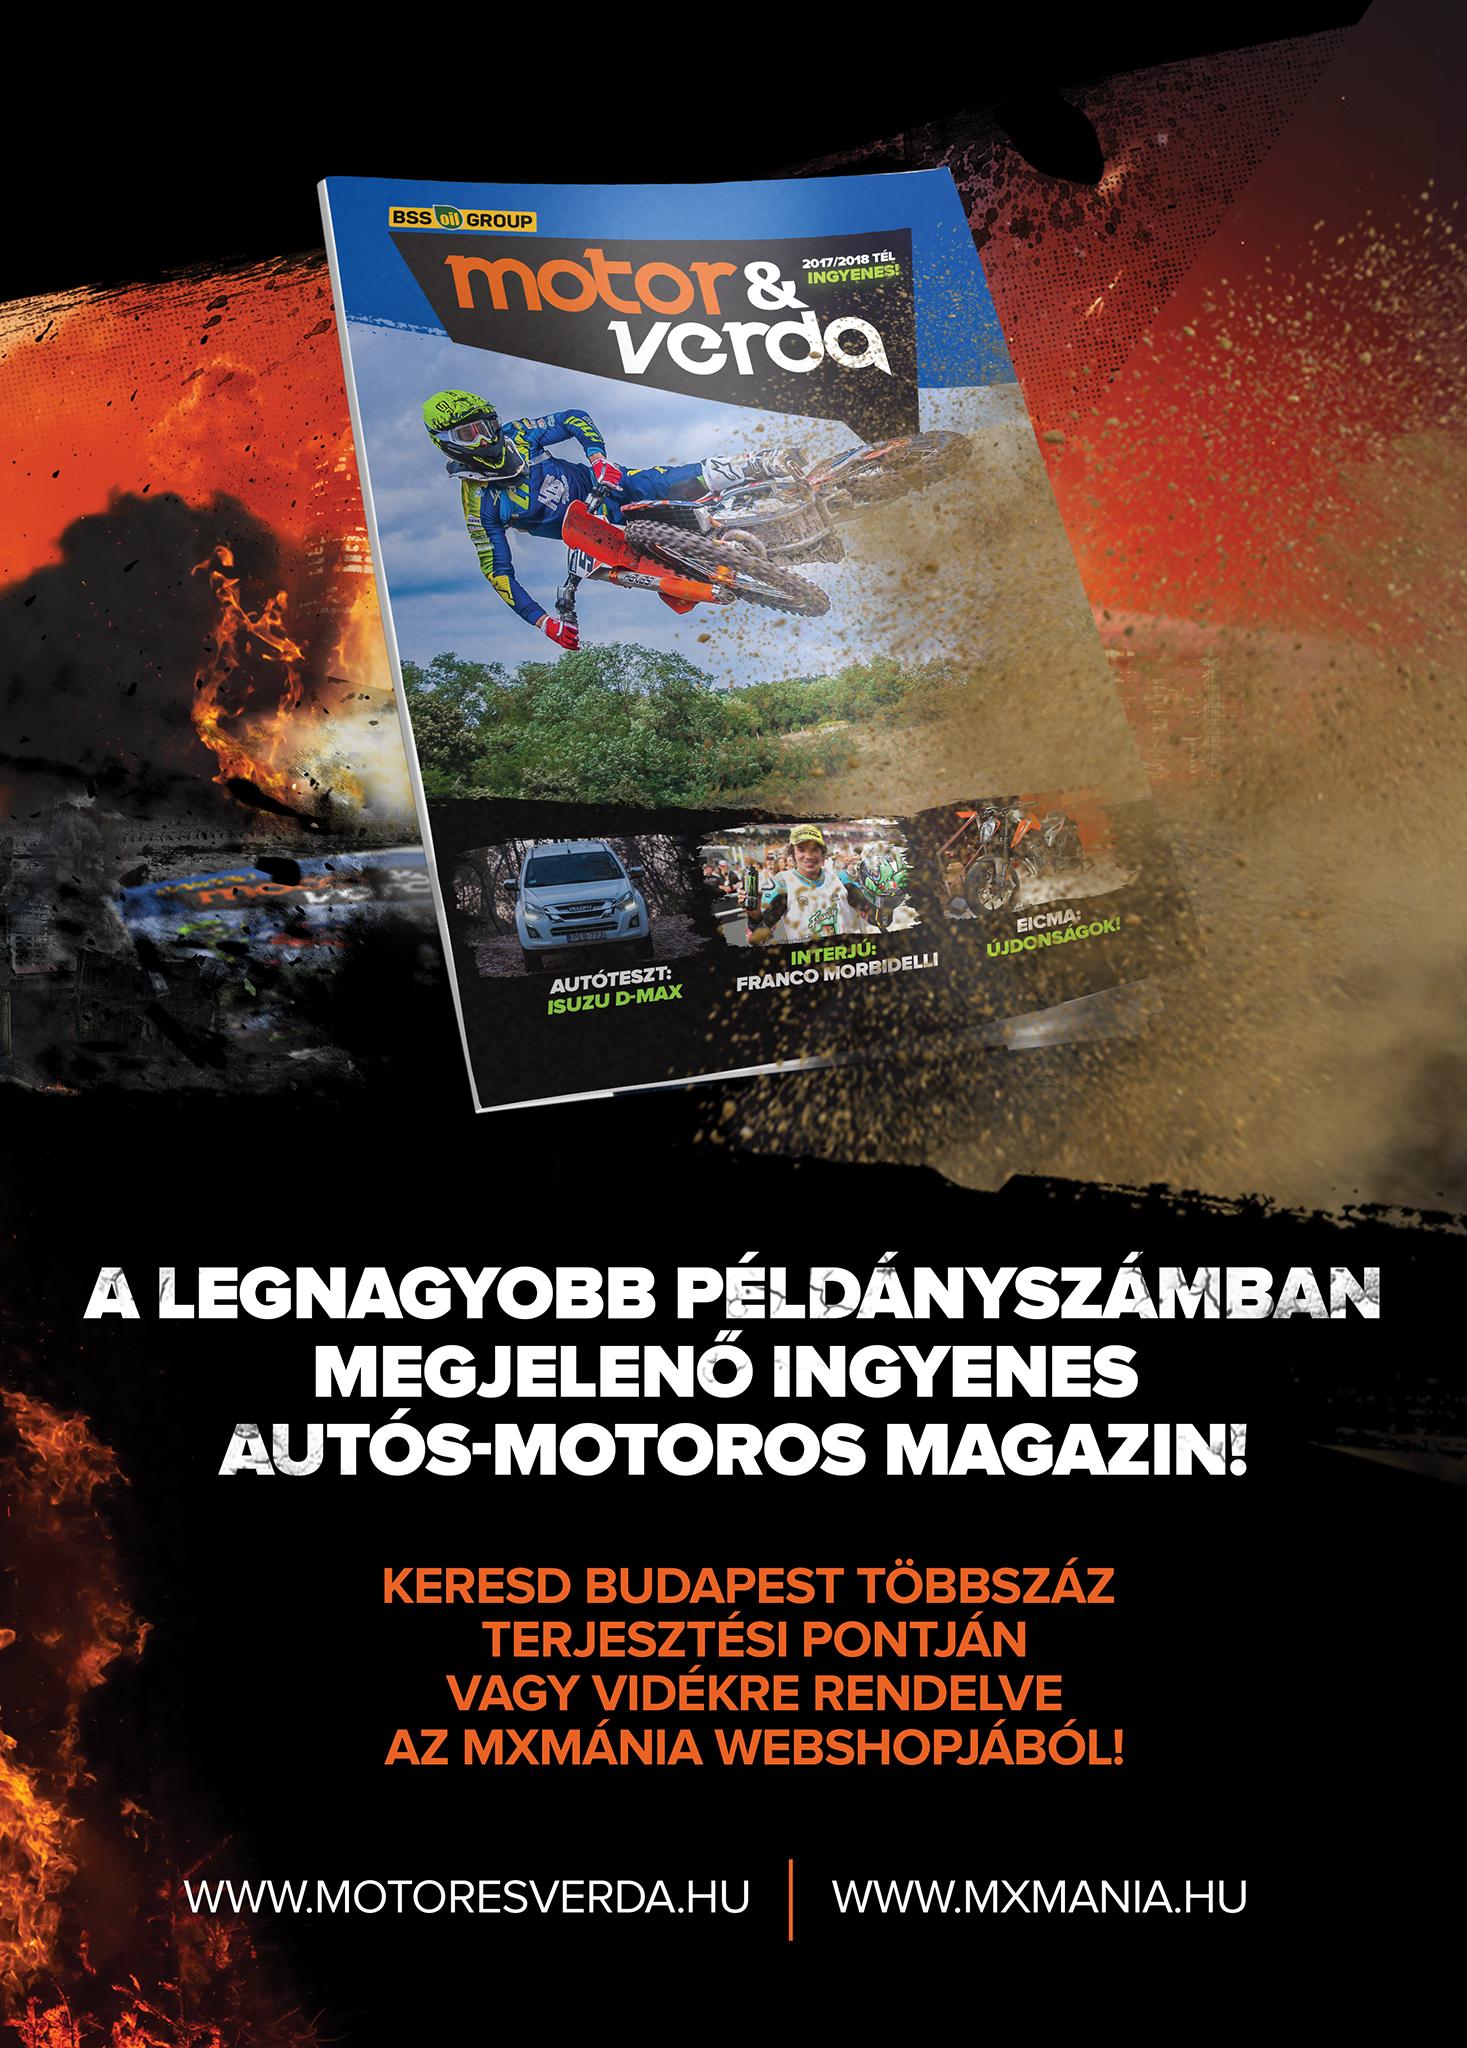 Motor&Verda magazin